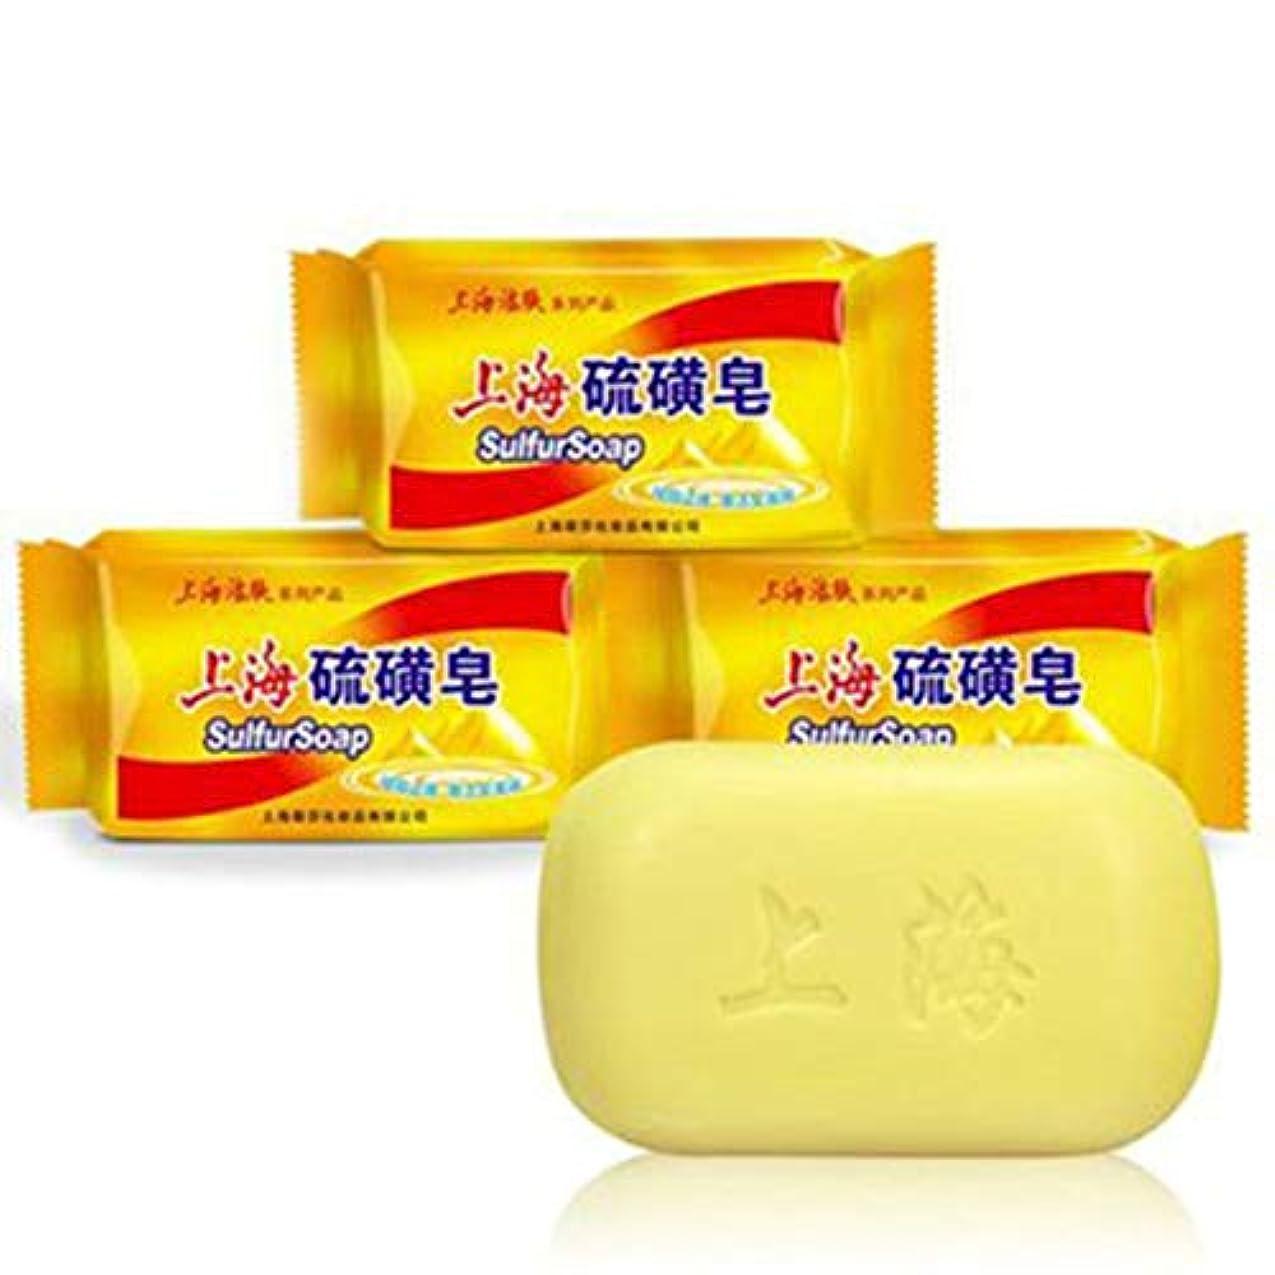 定期的な確立します大胆石鹸、ダニ石鹸入浴ユニセックス(3パック)に上海硫黄石鹸コントロールオイルフケ